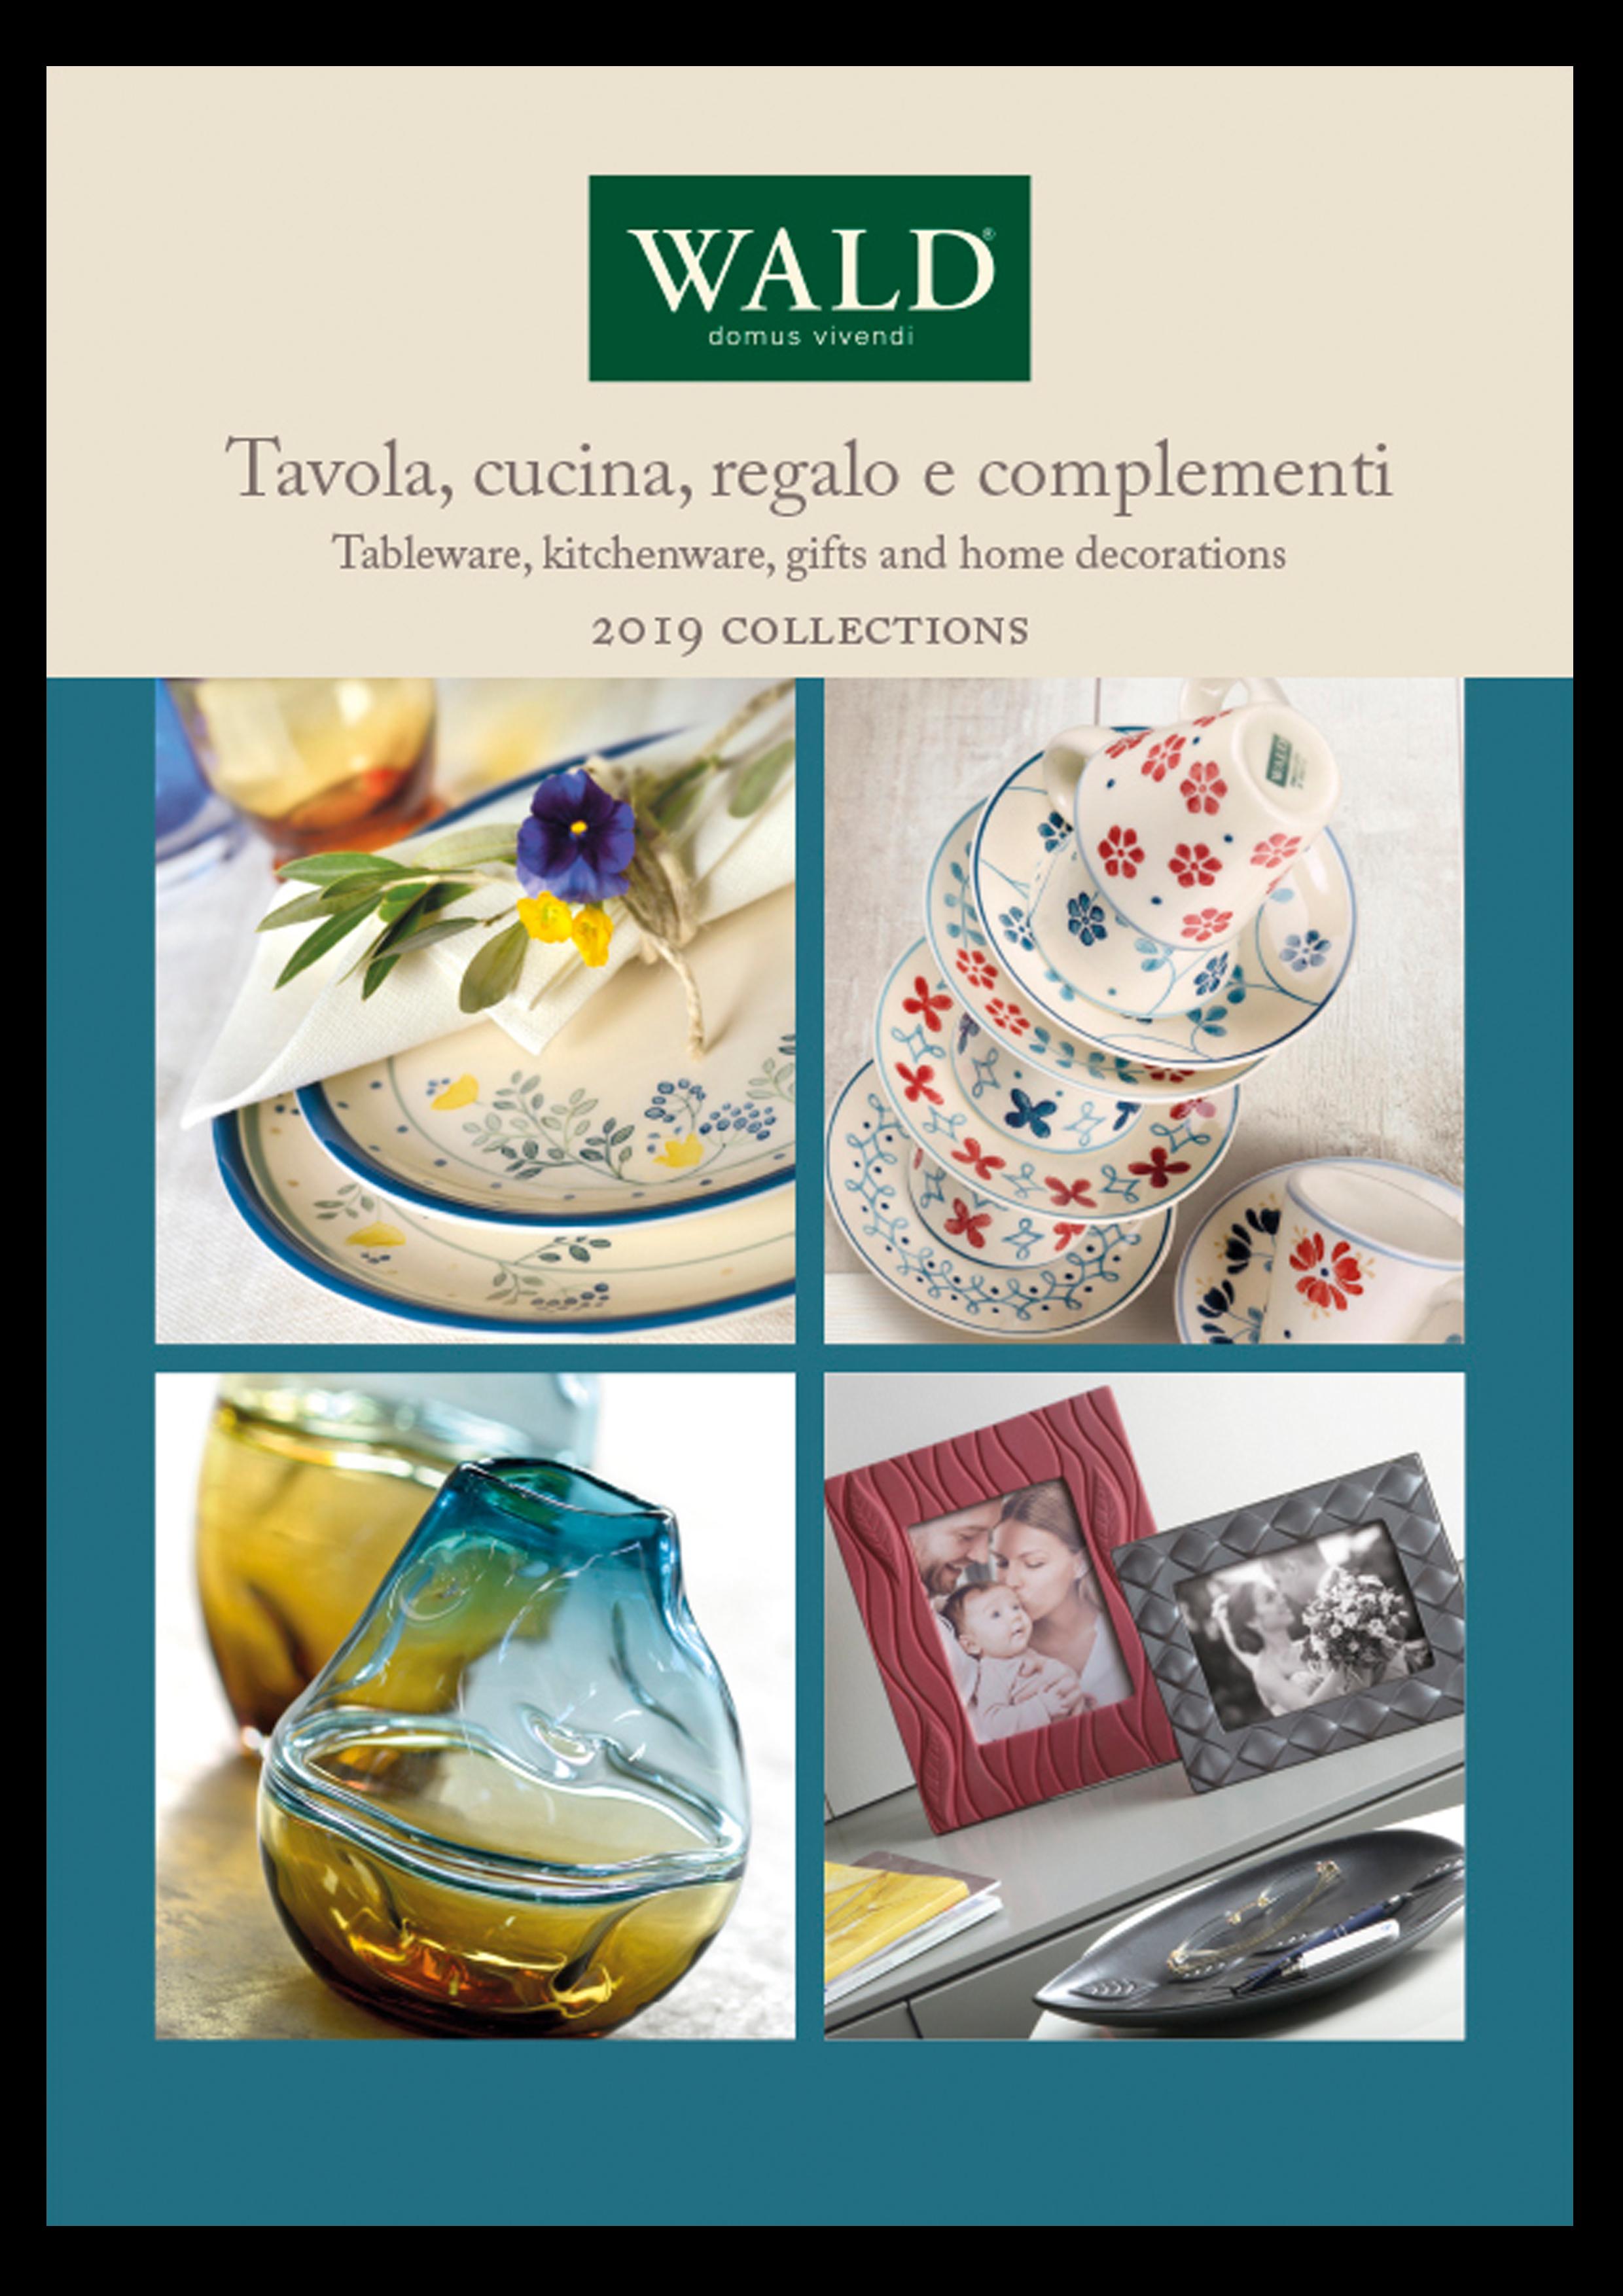 tavola-oggettistica-wald-2019